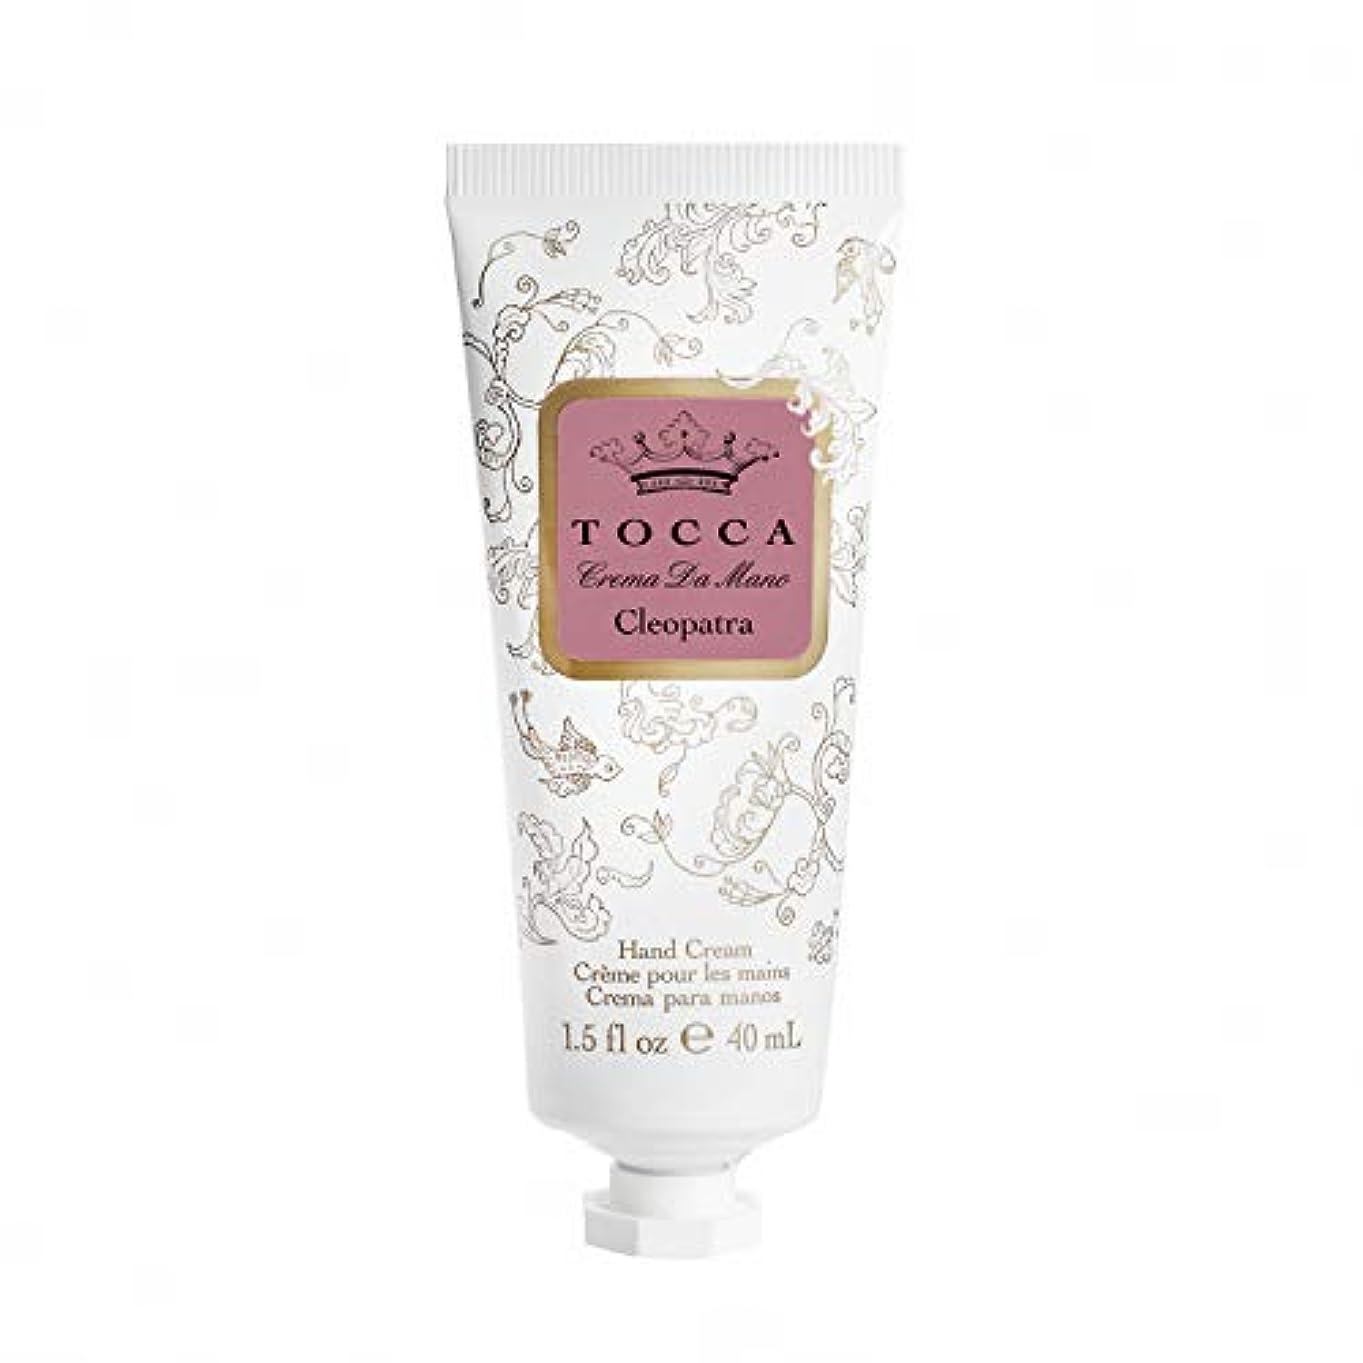 剥離信仰ファーザーファージュトッカ(TOCCA) ハンドクリーム クレオパトラの香り 40mL (手指用保湿 グレープフルーツとキューカンバーのフレッシュな香り)